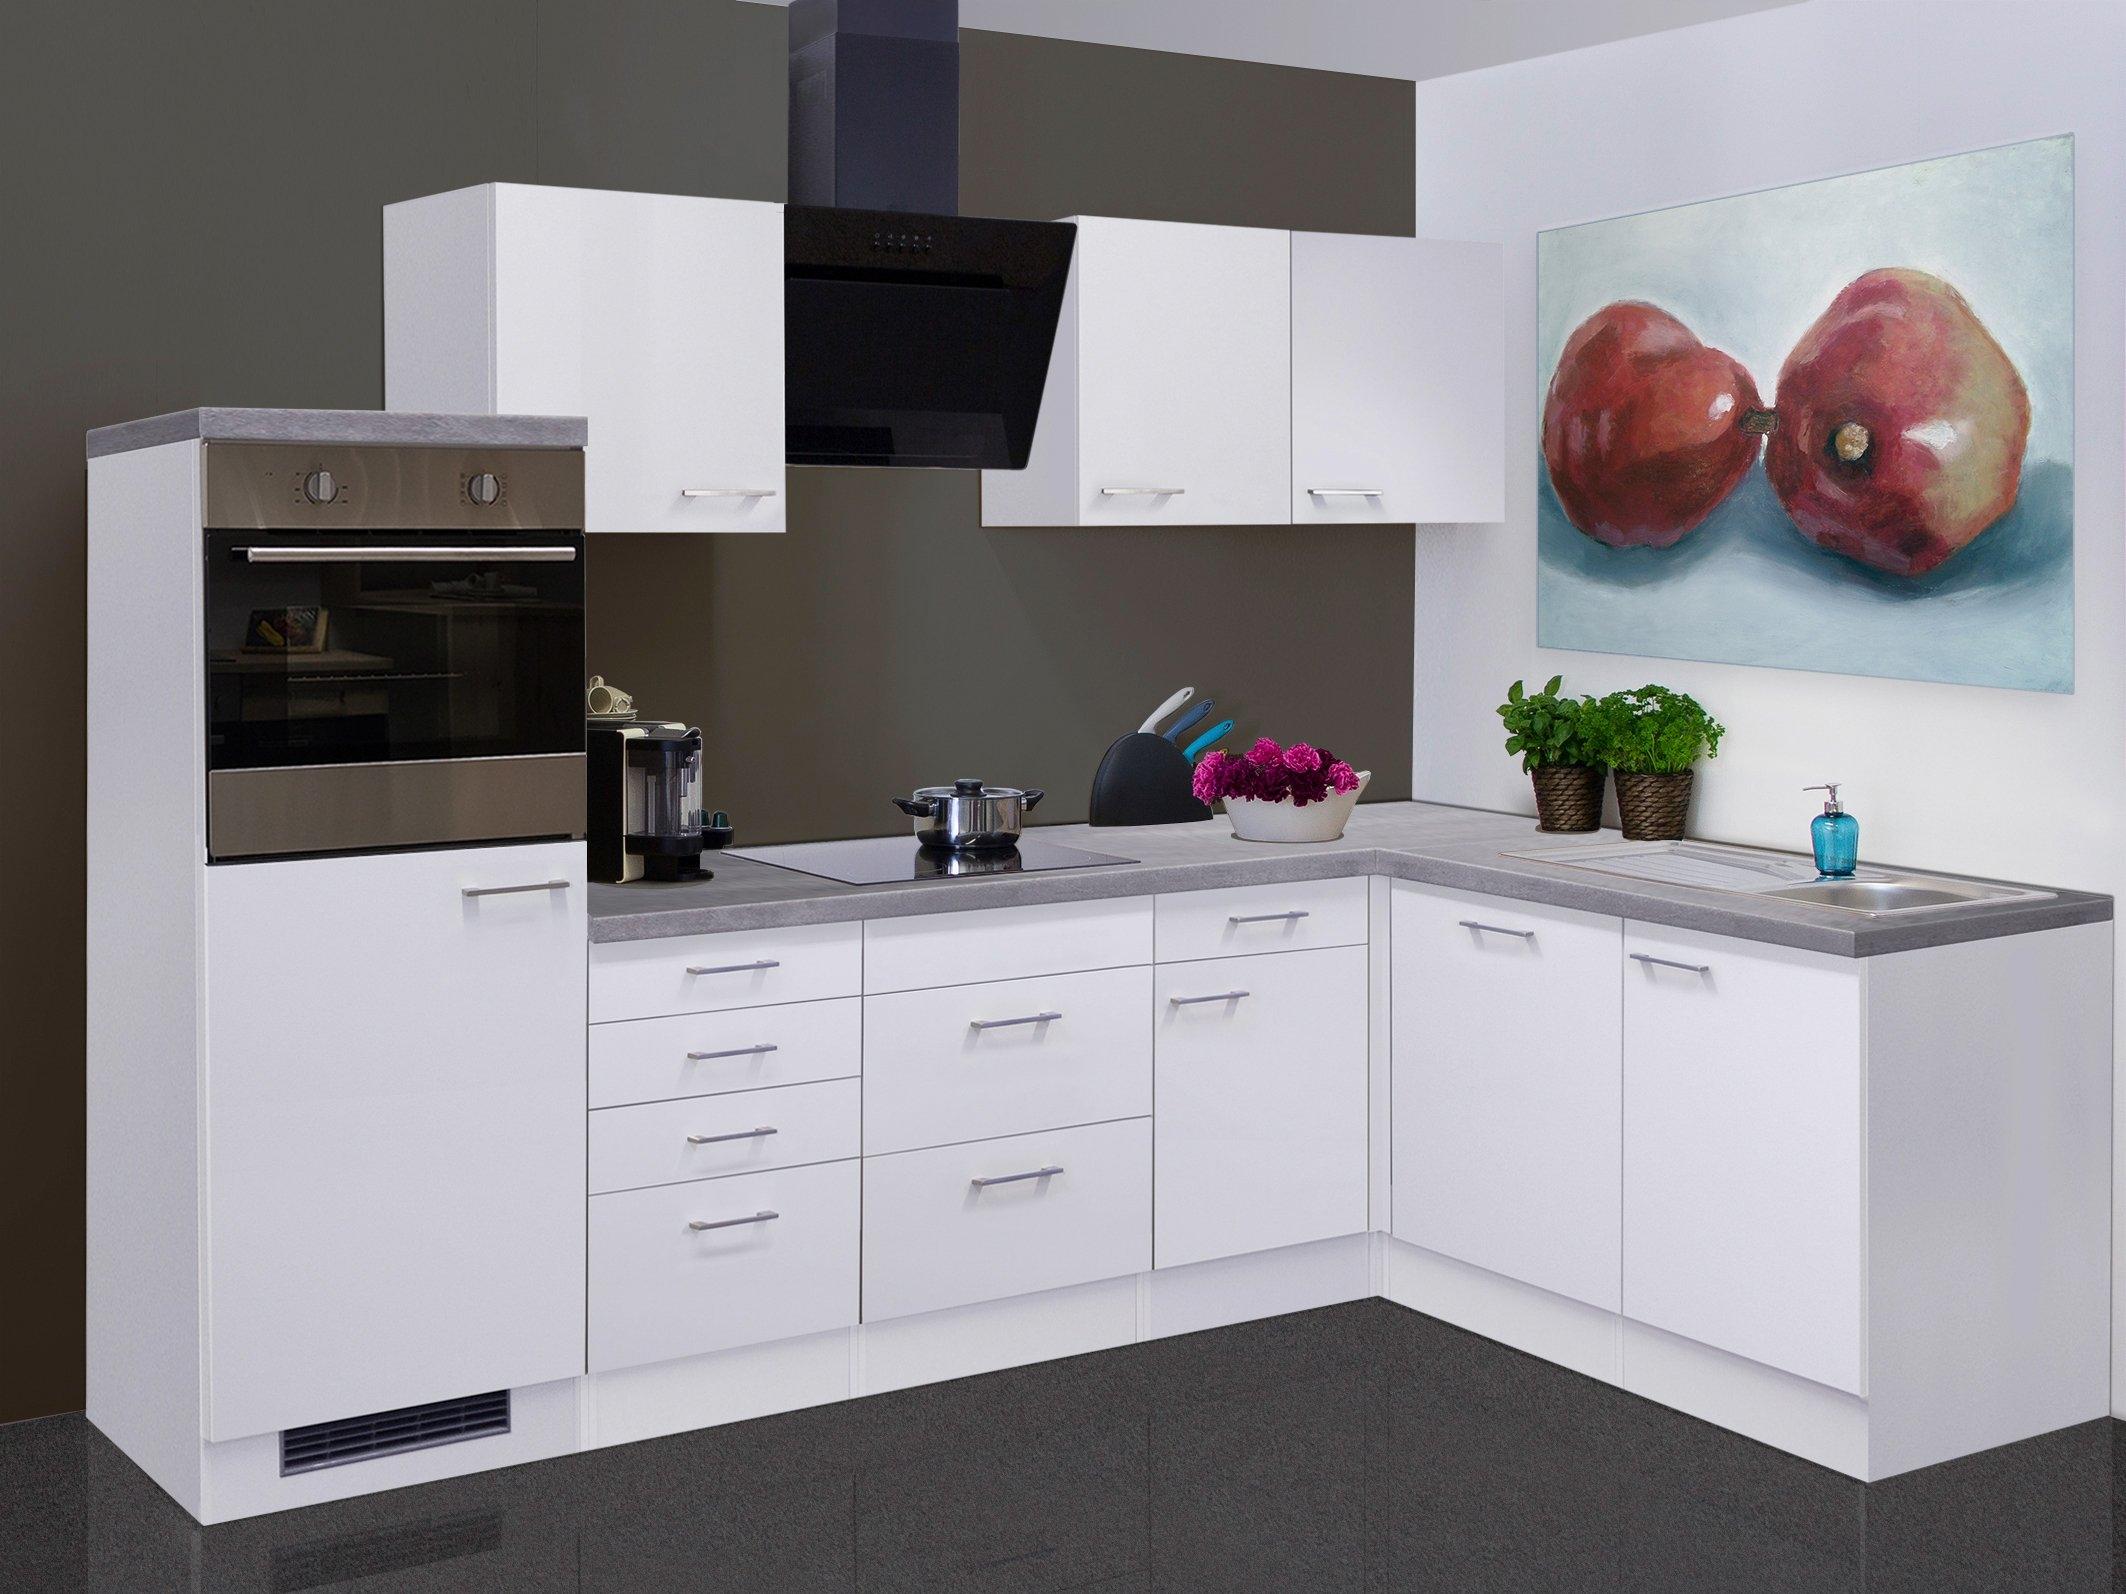 Flex-well Keukenblok met elektrische apparaten »Kopenhagen«, breedte 280x170 cm voordelig en veilig online kopen